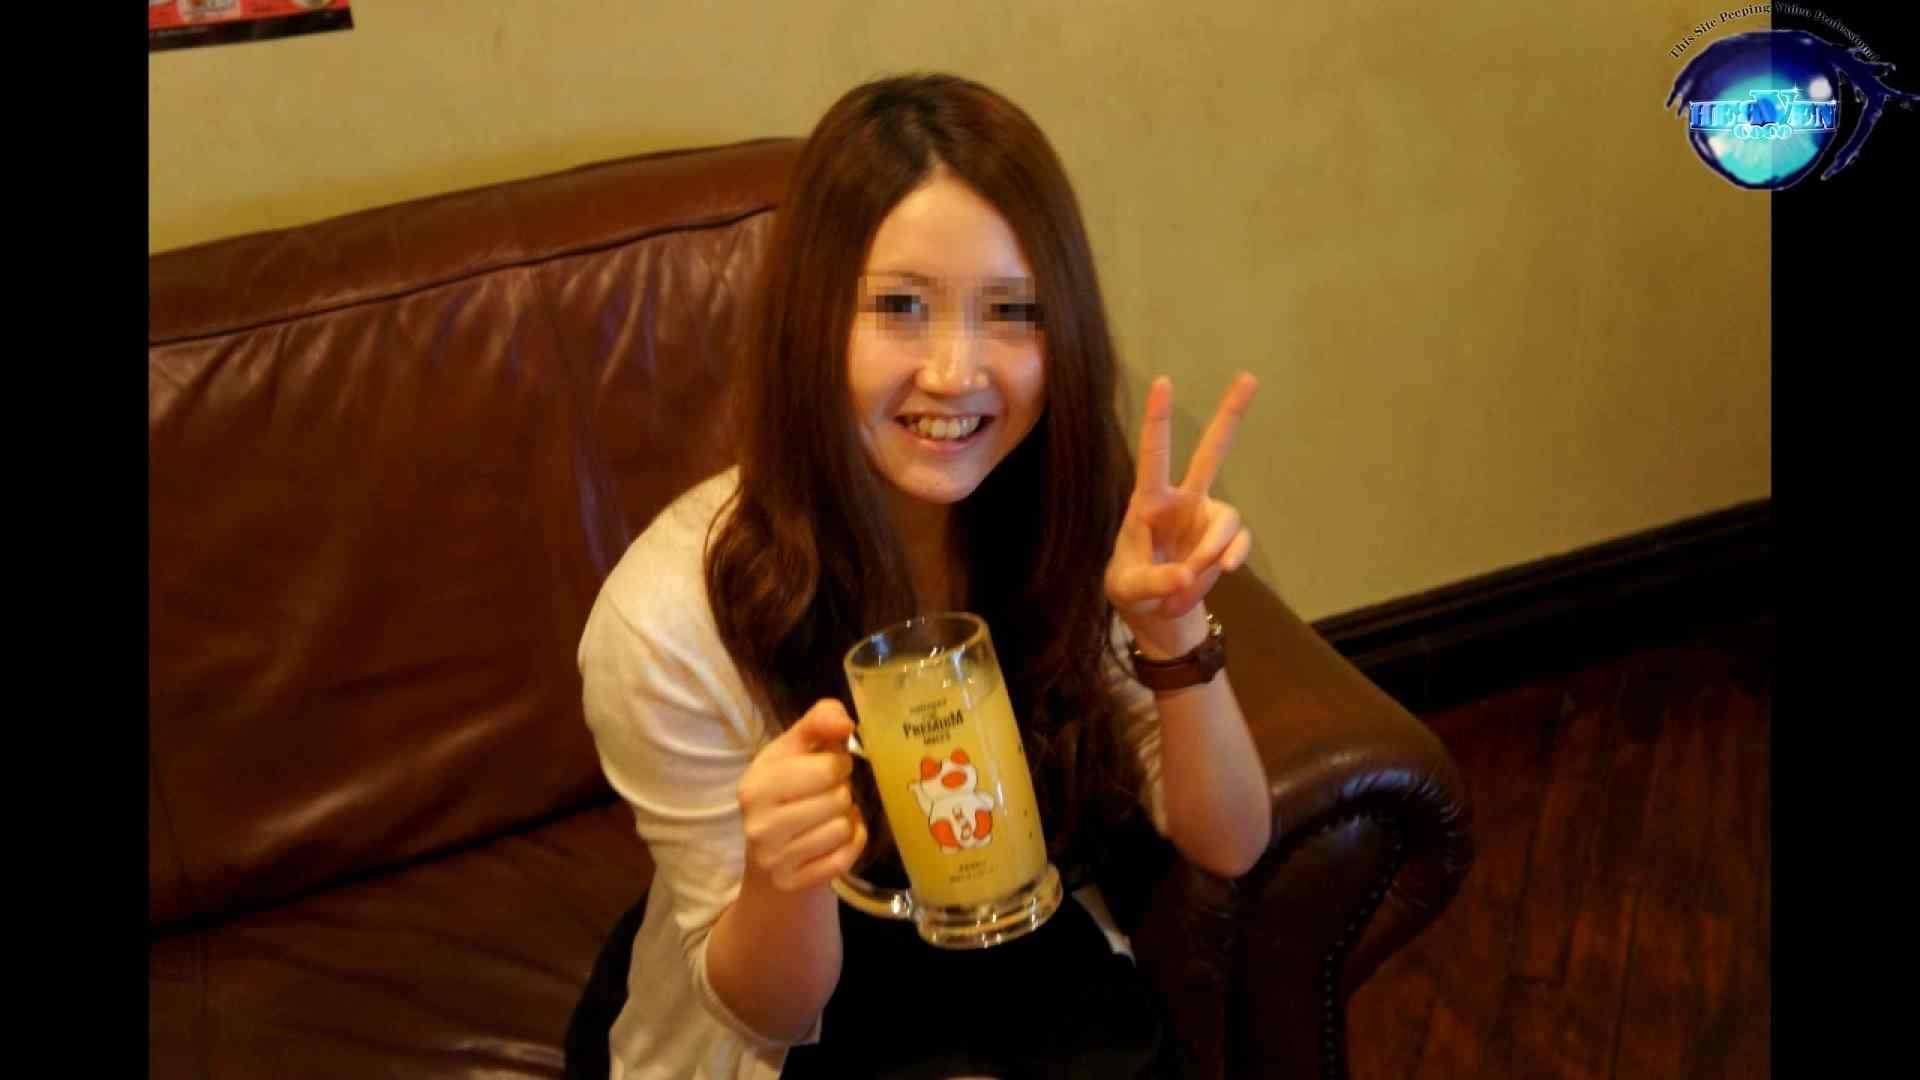 睡魔 シュウライ 第十話 前編 イタズラ映像   エロい女子大生  11枚 1